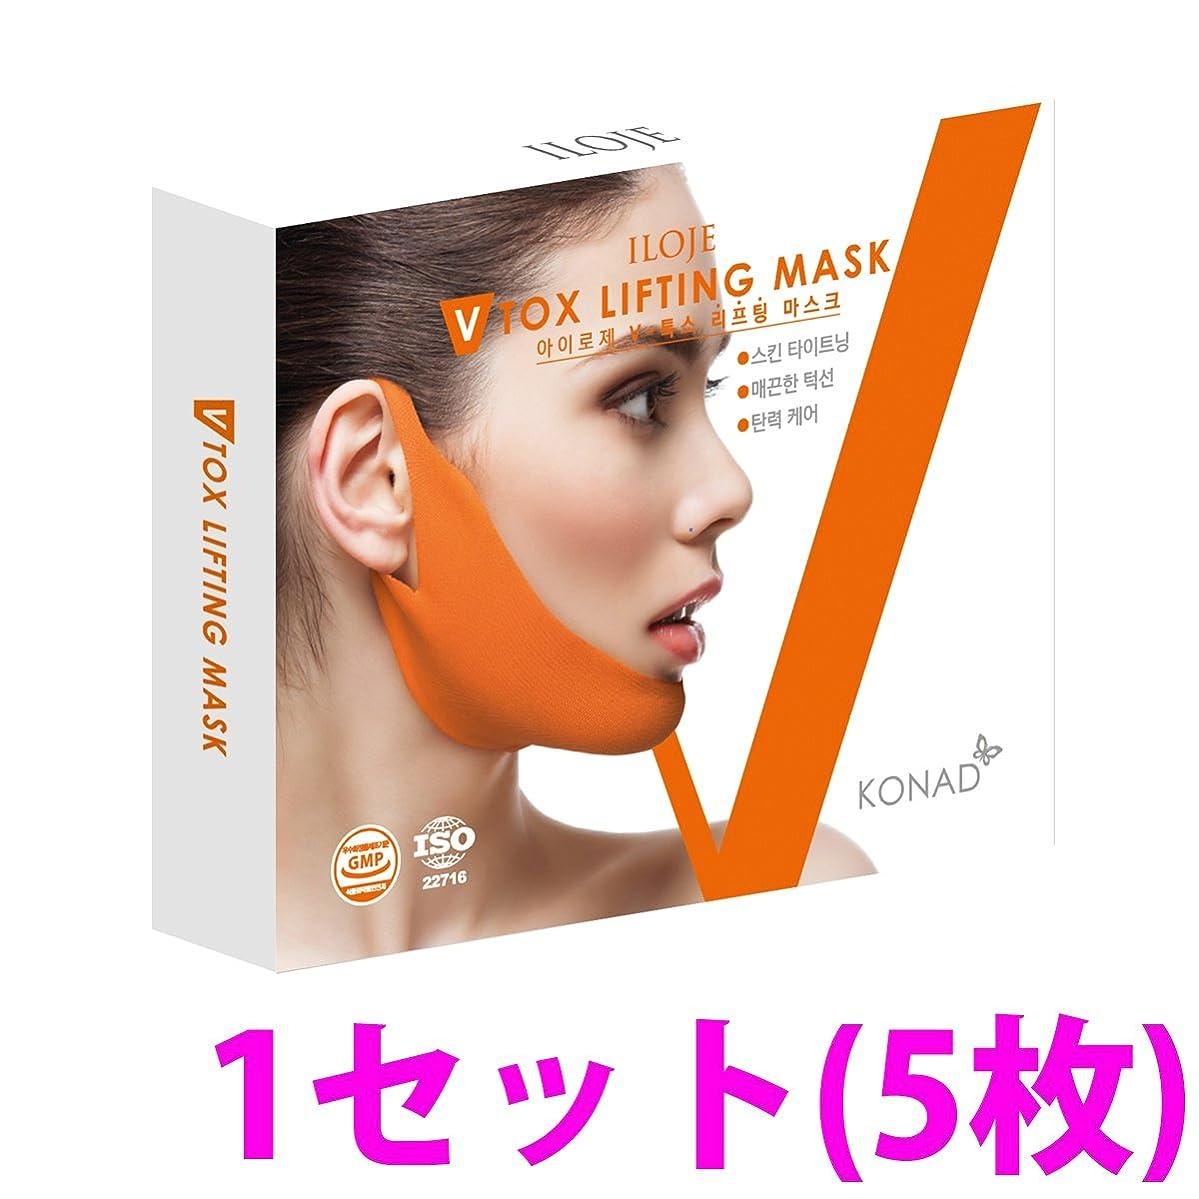 ハードリング市場専ら女性の年齢は顎の輪郭で決まる!V-TOXリフティングマスクパック 1セット(5枚)